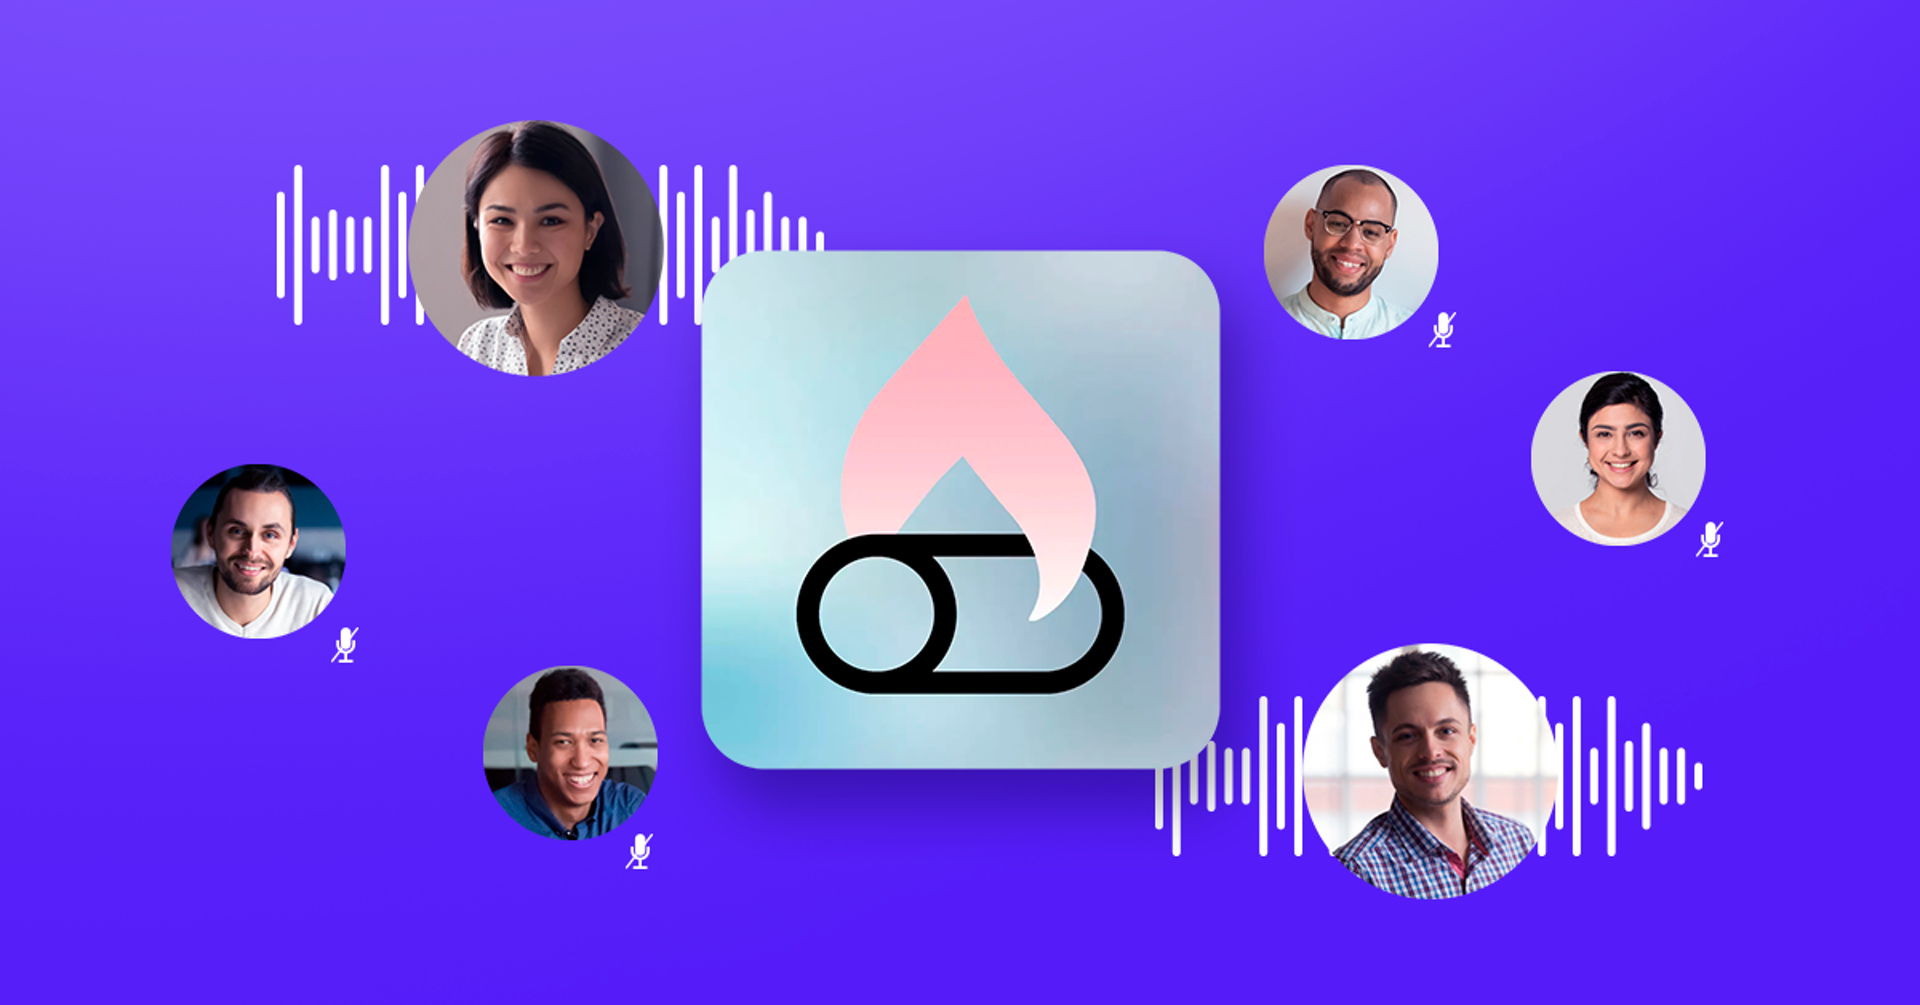 ¿Qué es Fireside? La nueva red social que competirá con Clubhouse